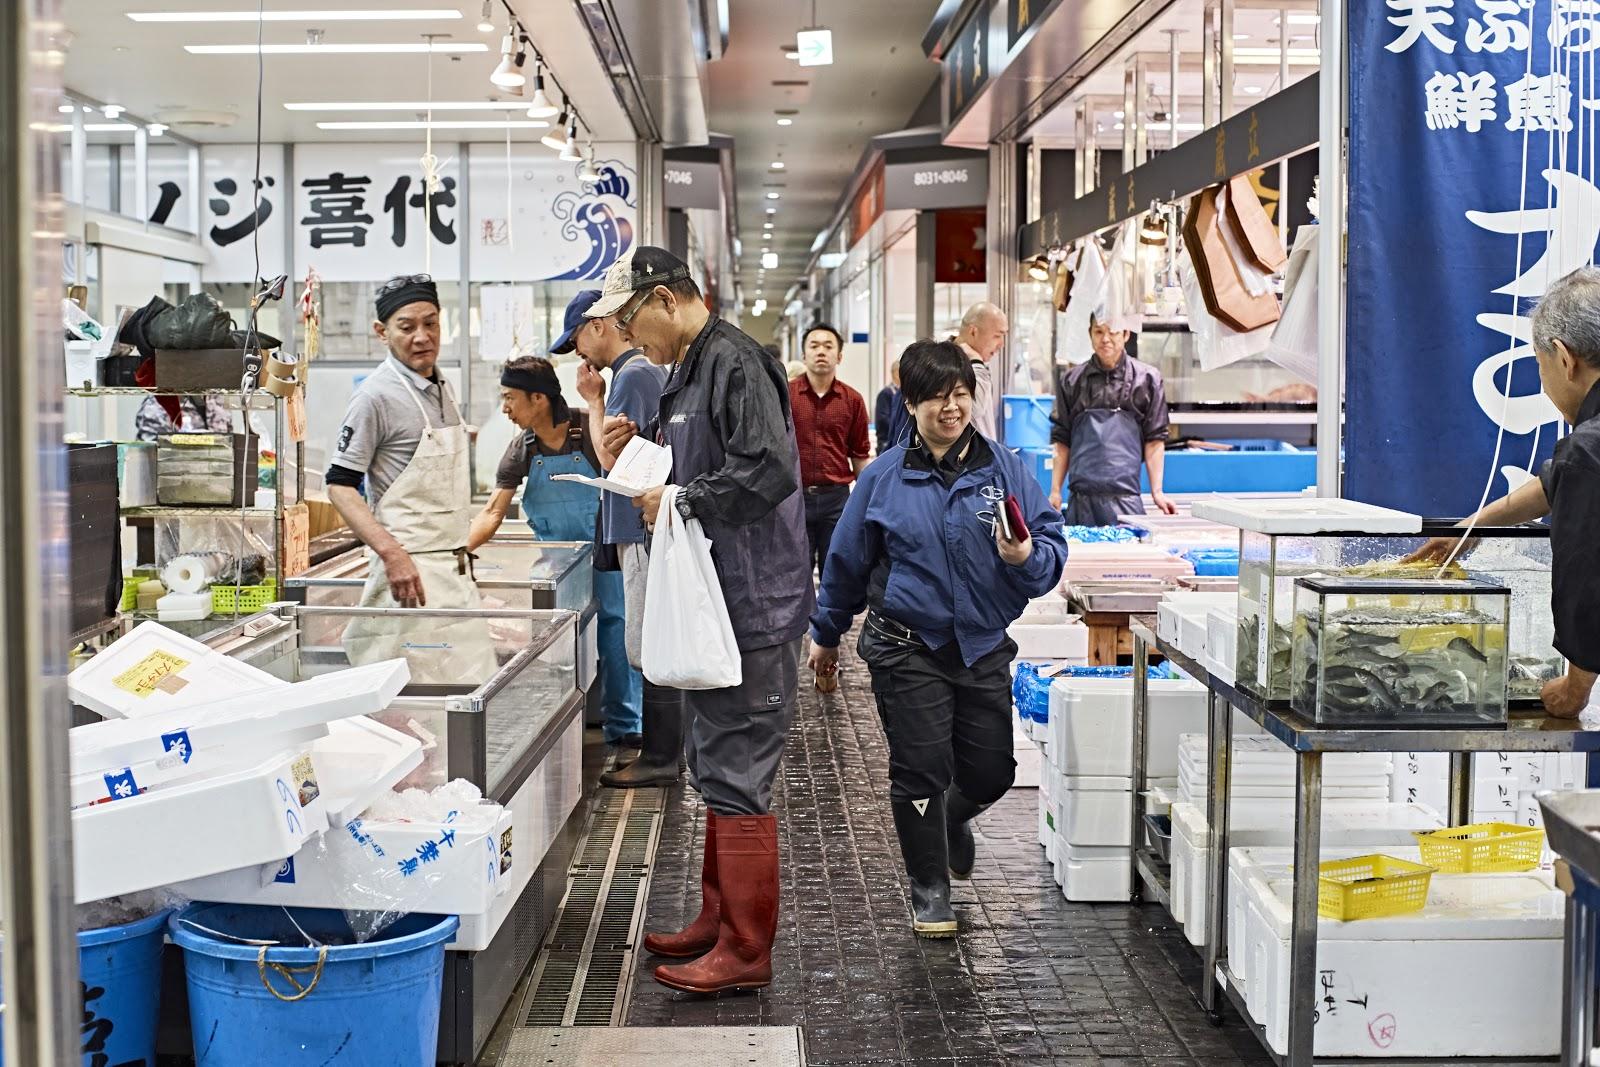 Viajem pela comida japonesa com o Google Arts & Culture 3